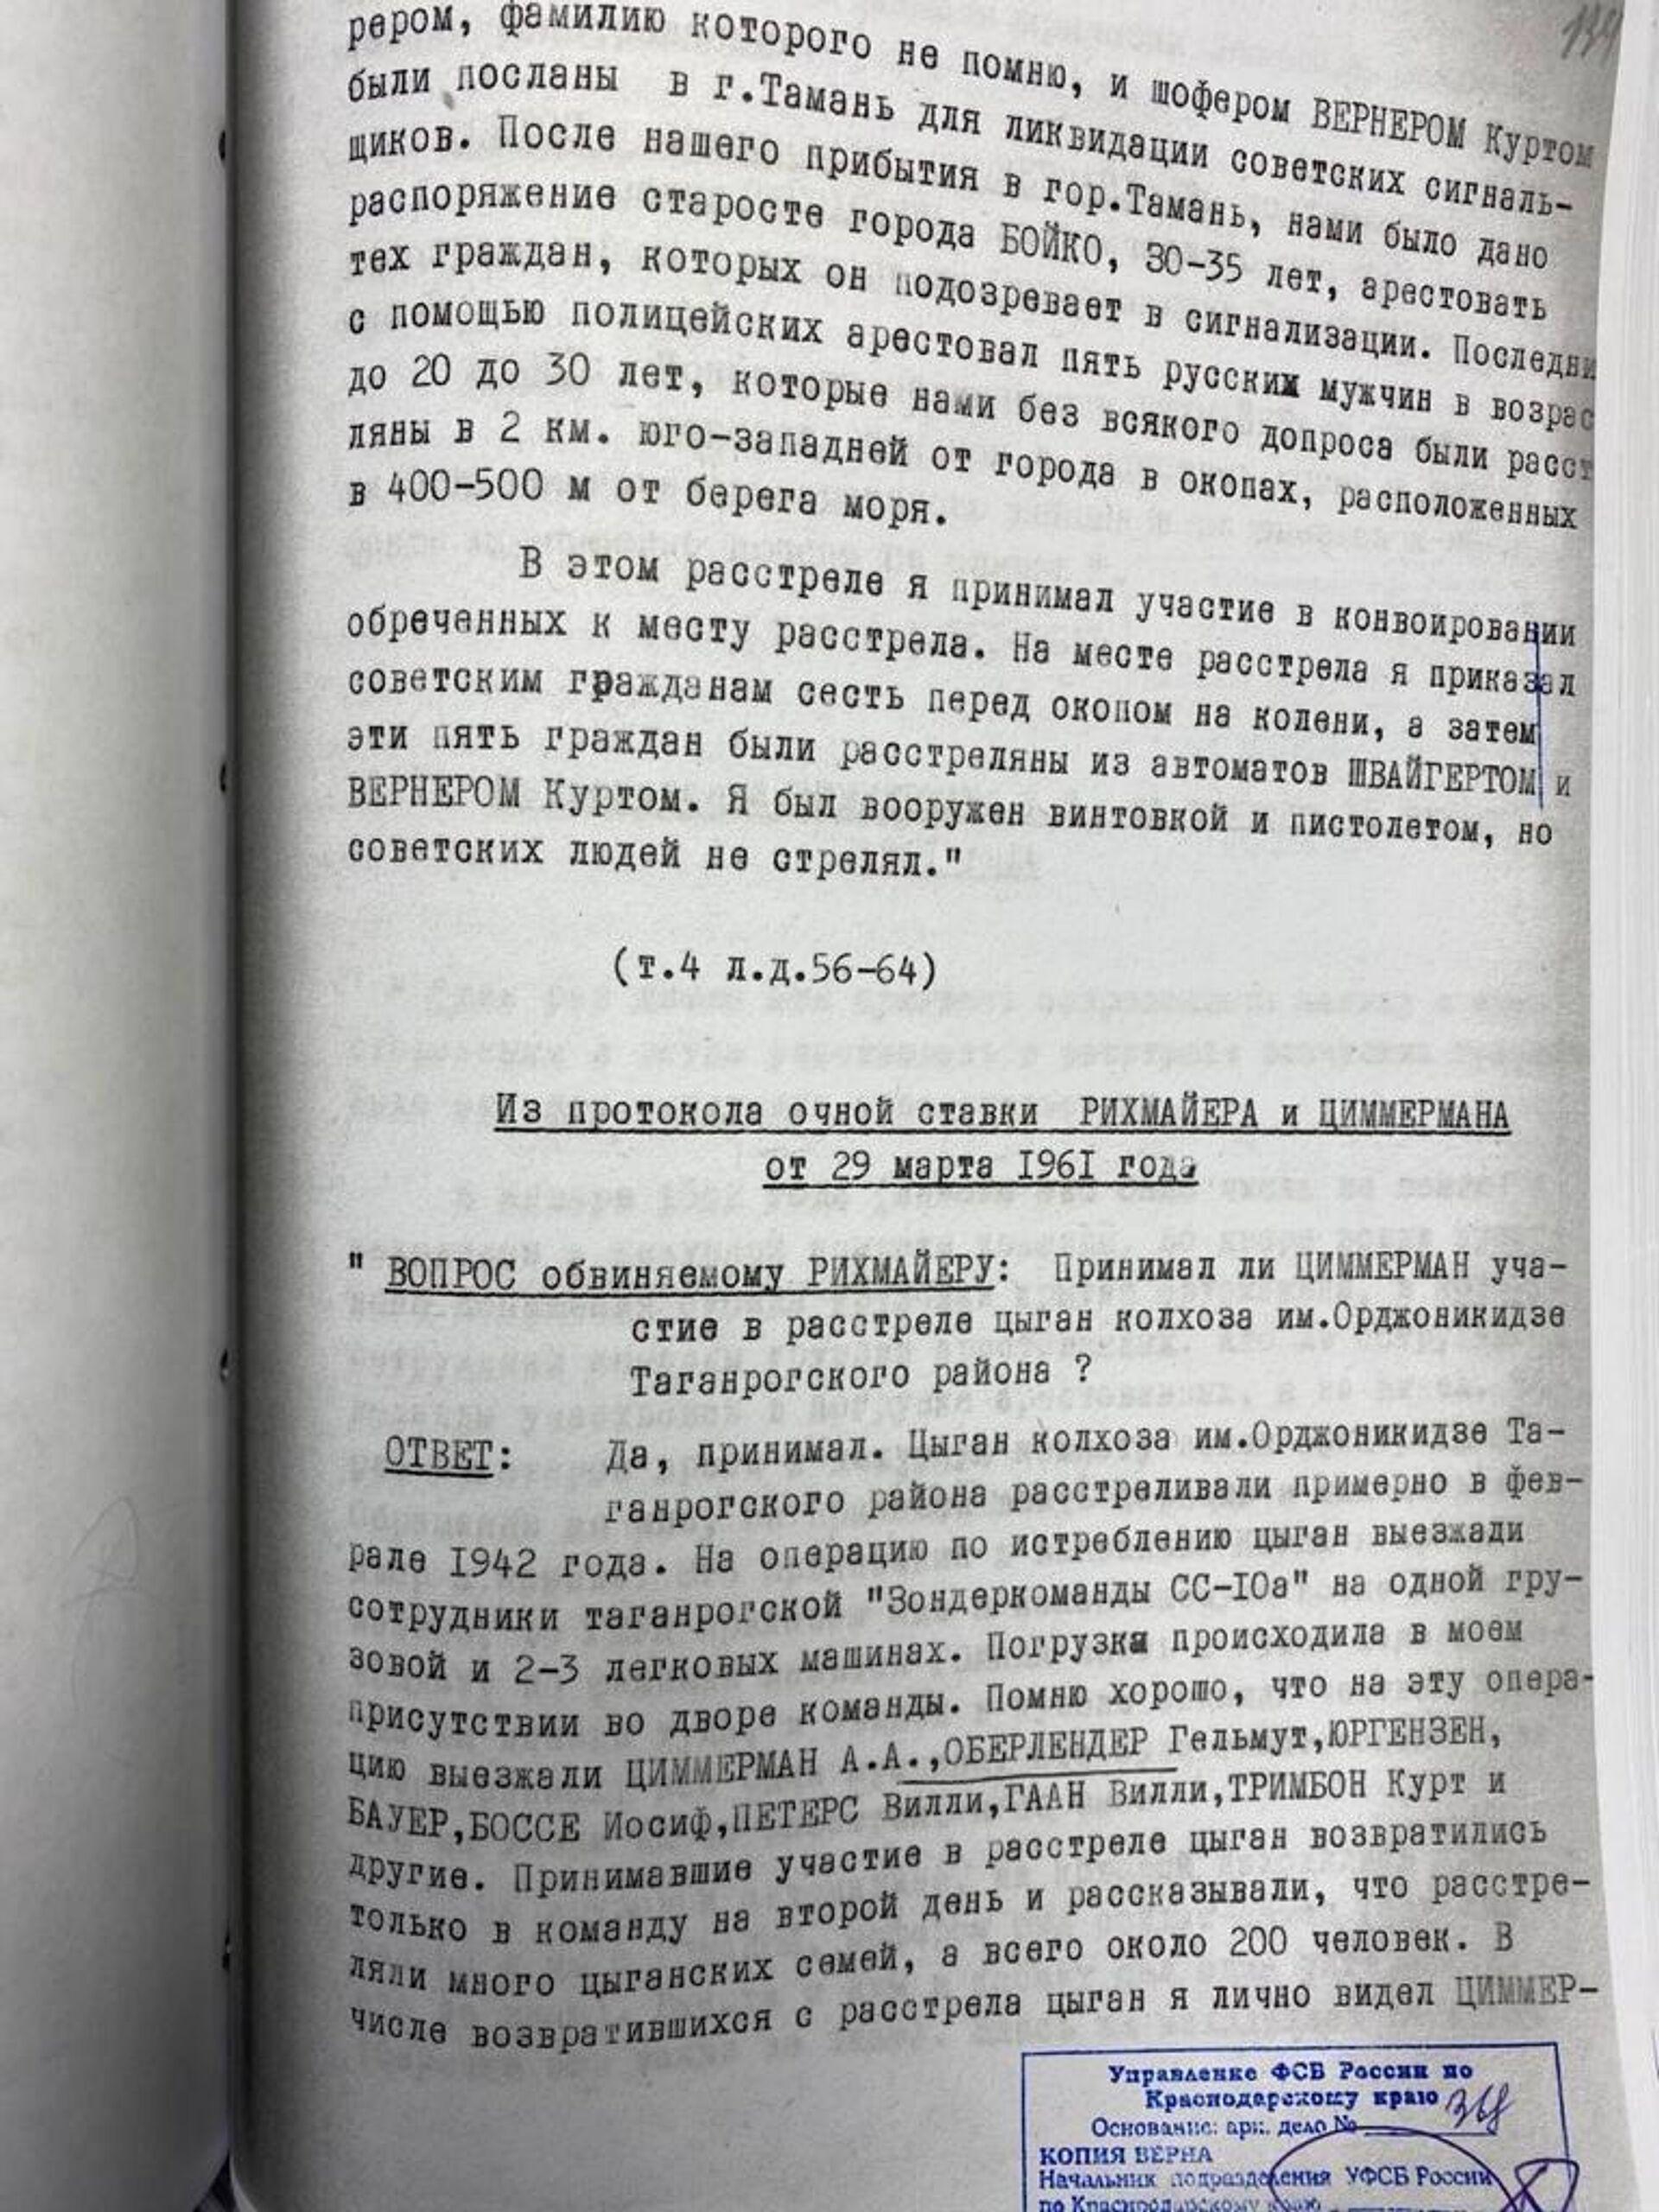 Архивные документы подтвердили участие Оберлендера в казнях на юге СССР